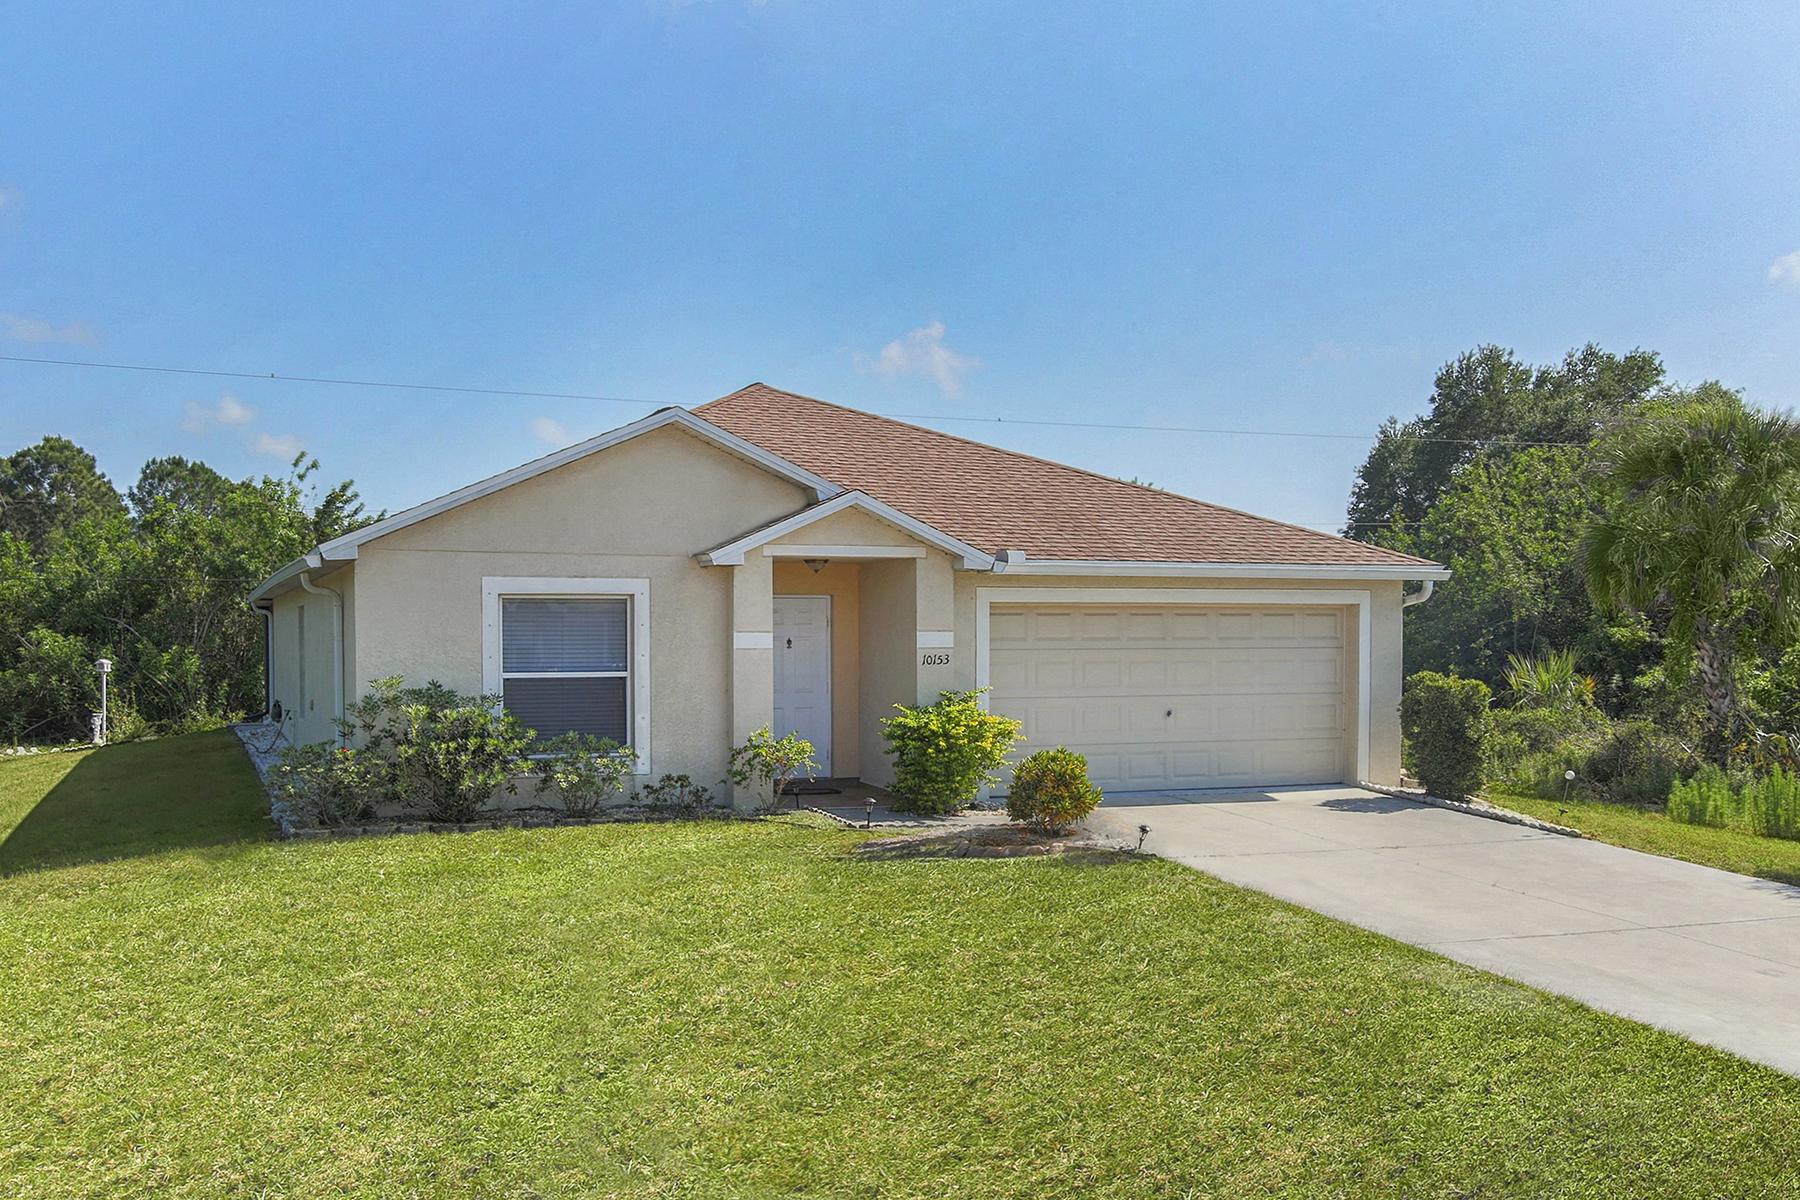 Nhà ở một gia đình vì Bán tại ENGLEWOOD 10153 Quimper Ave Englewood, Florida, 34224 Hoa Kỳ